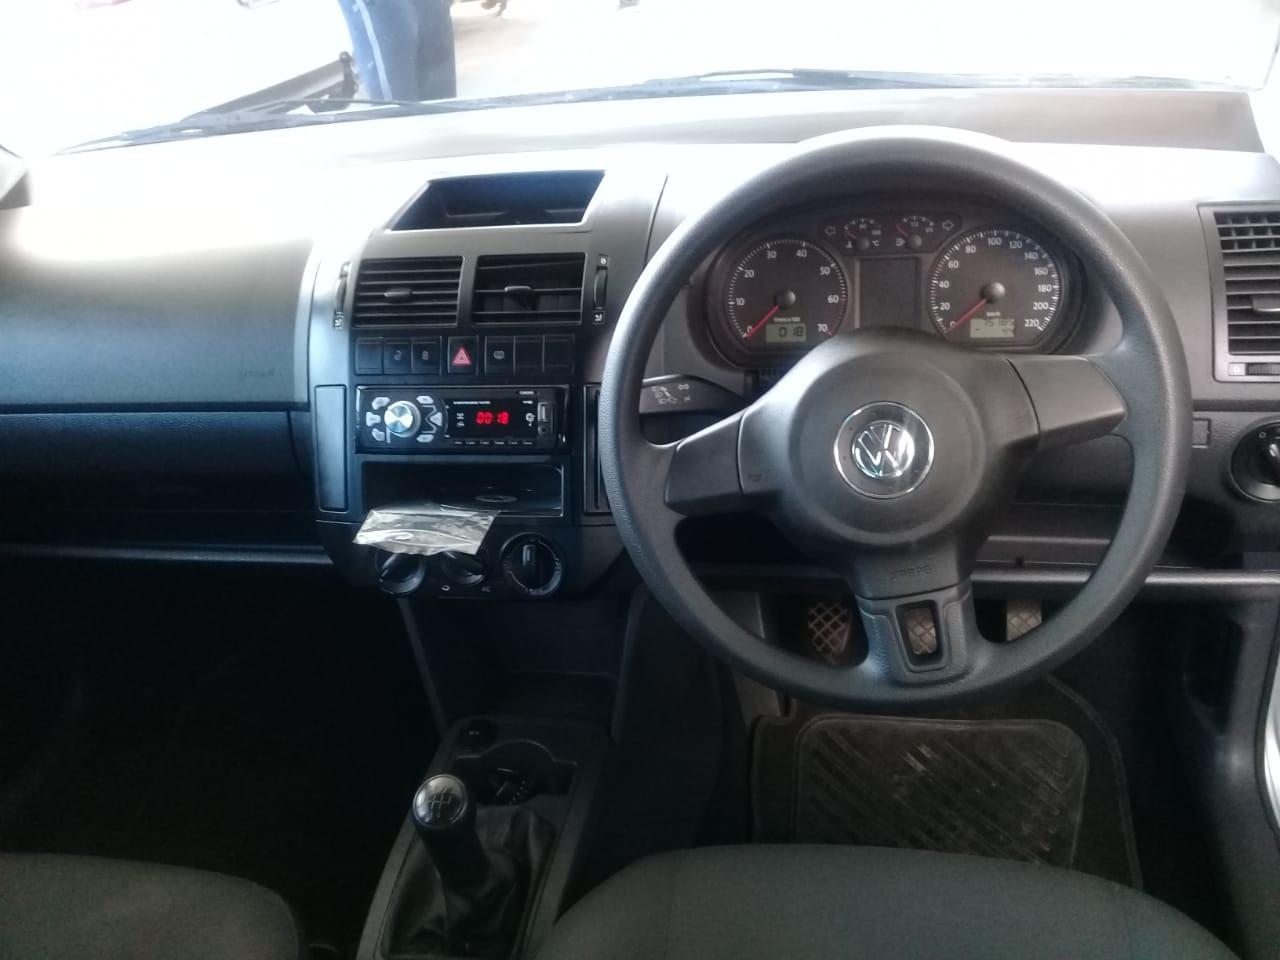 VW Polo hatch 1.4TDI Trendline